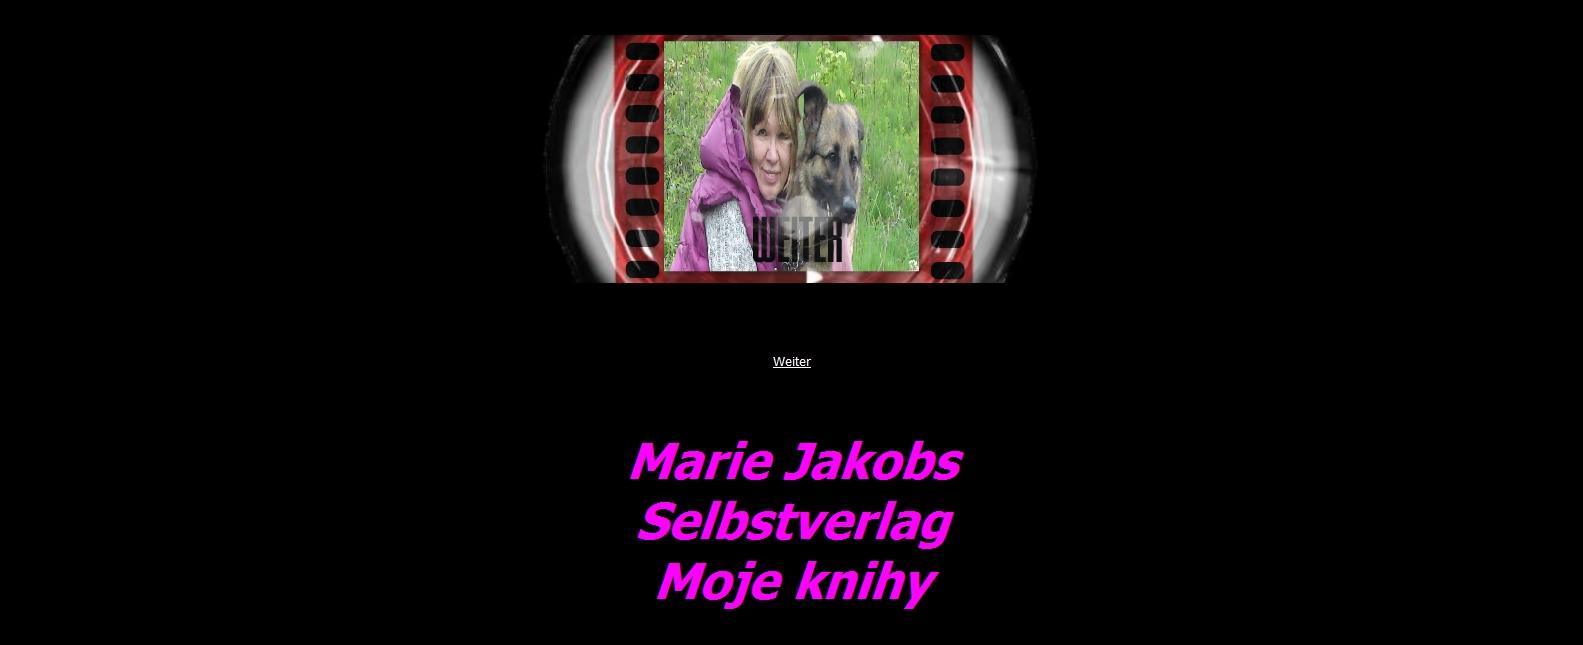 Marie Jakobs www.selbstverlagbuch-mojeknihy.de